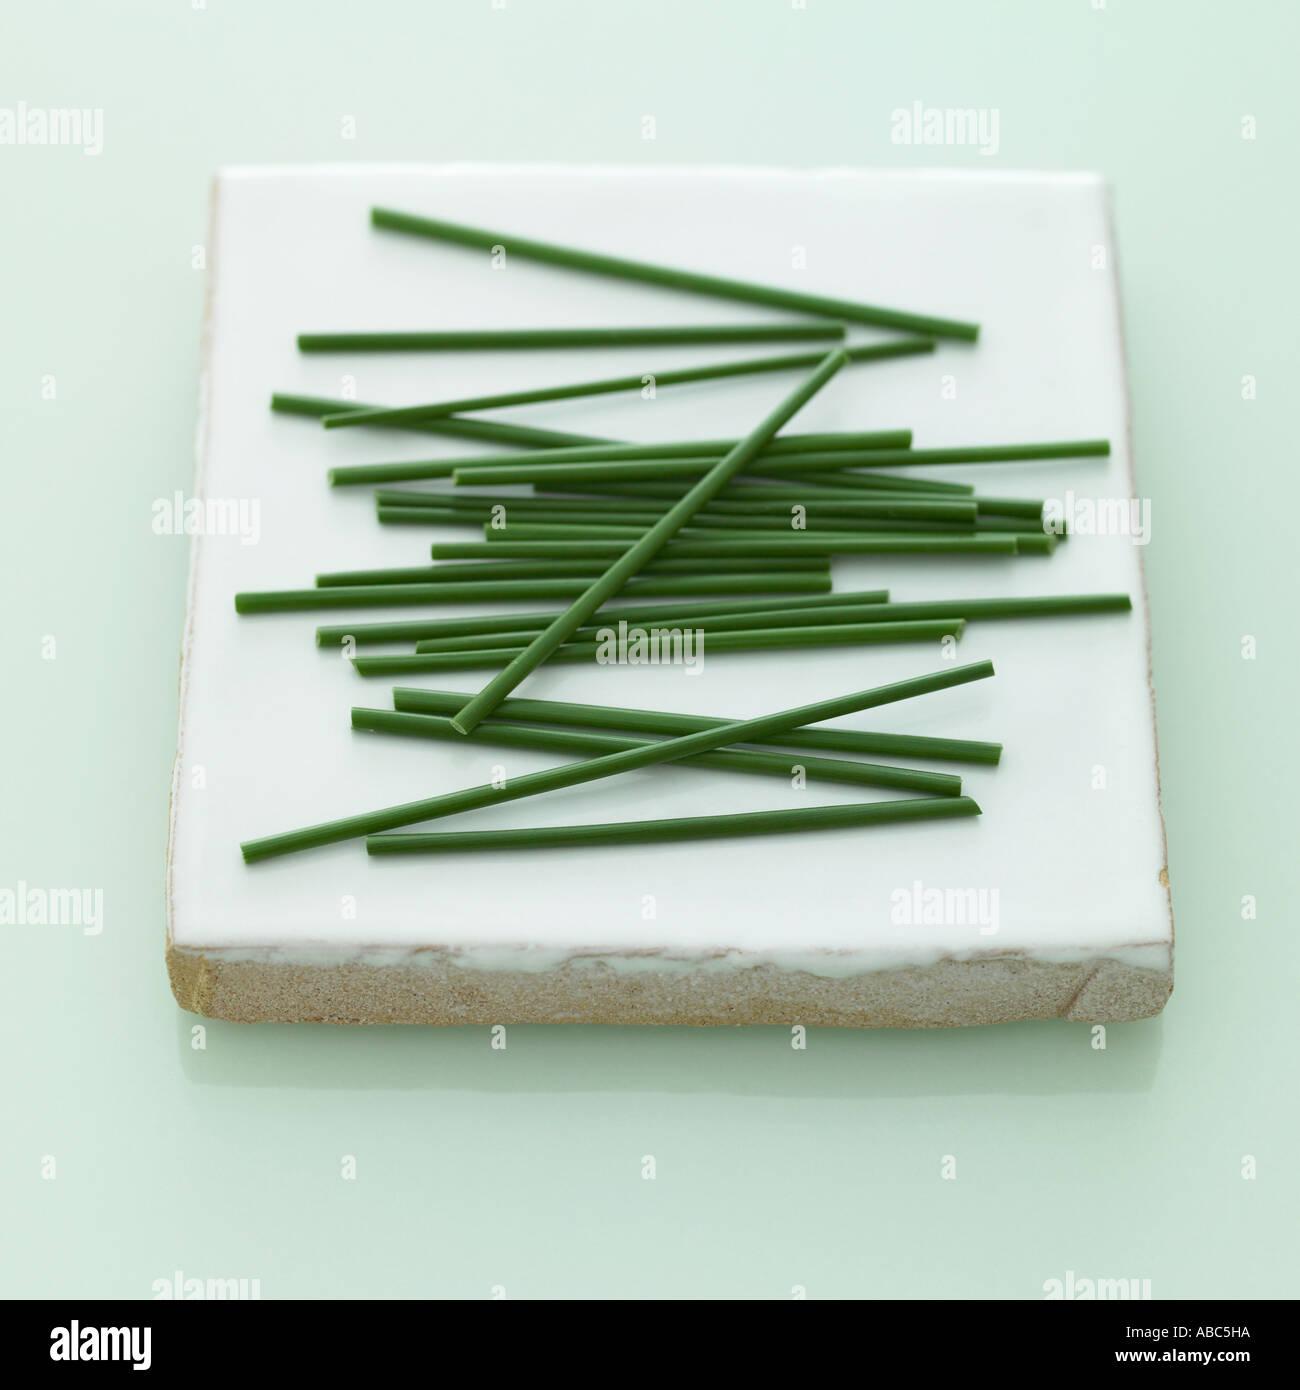 La ciboulette - l'un d'une série d'images d'herbes similaires Photo Stock